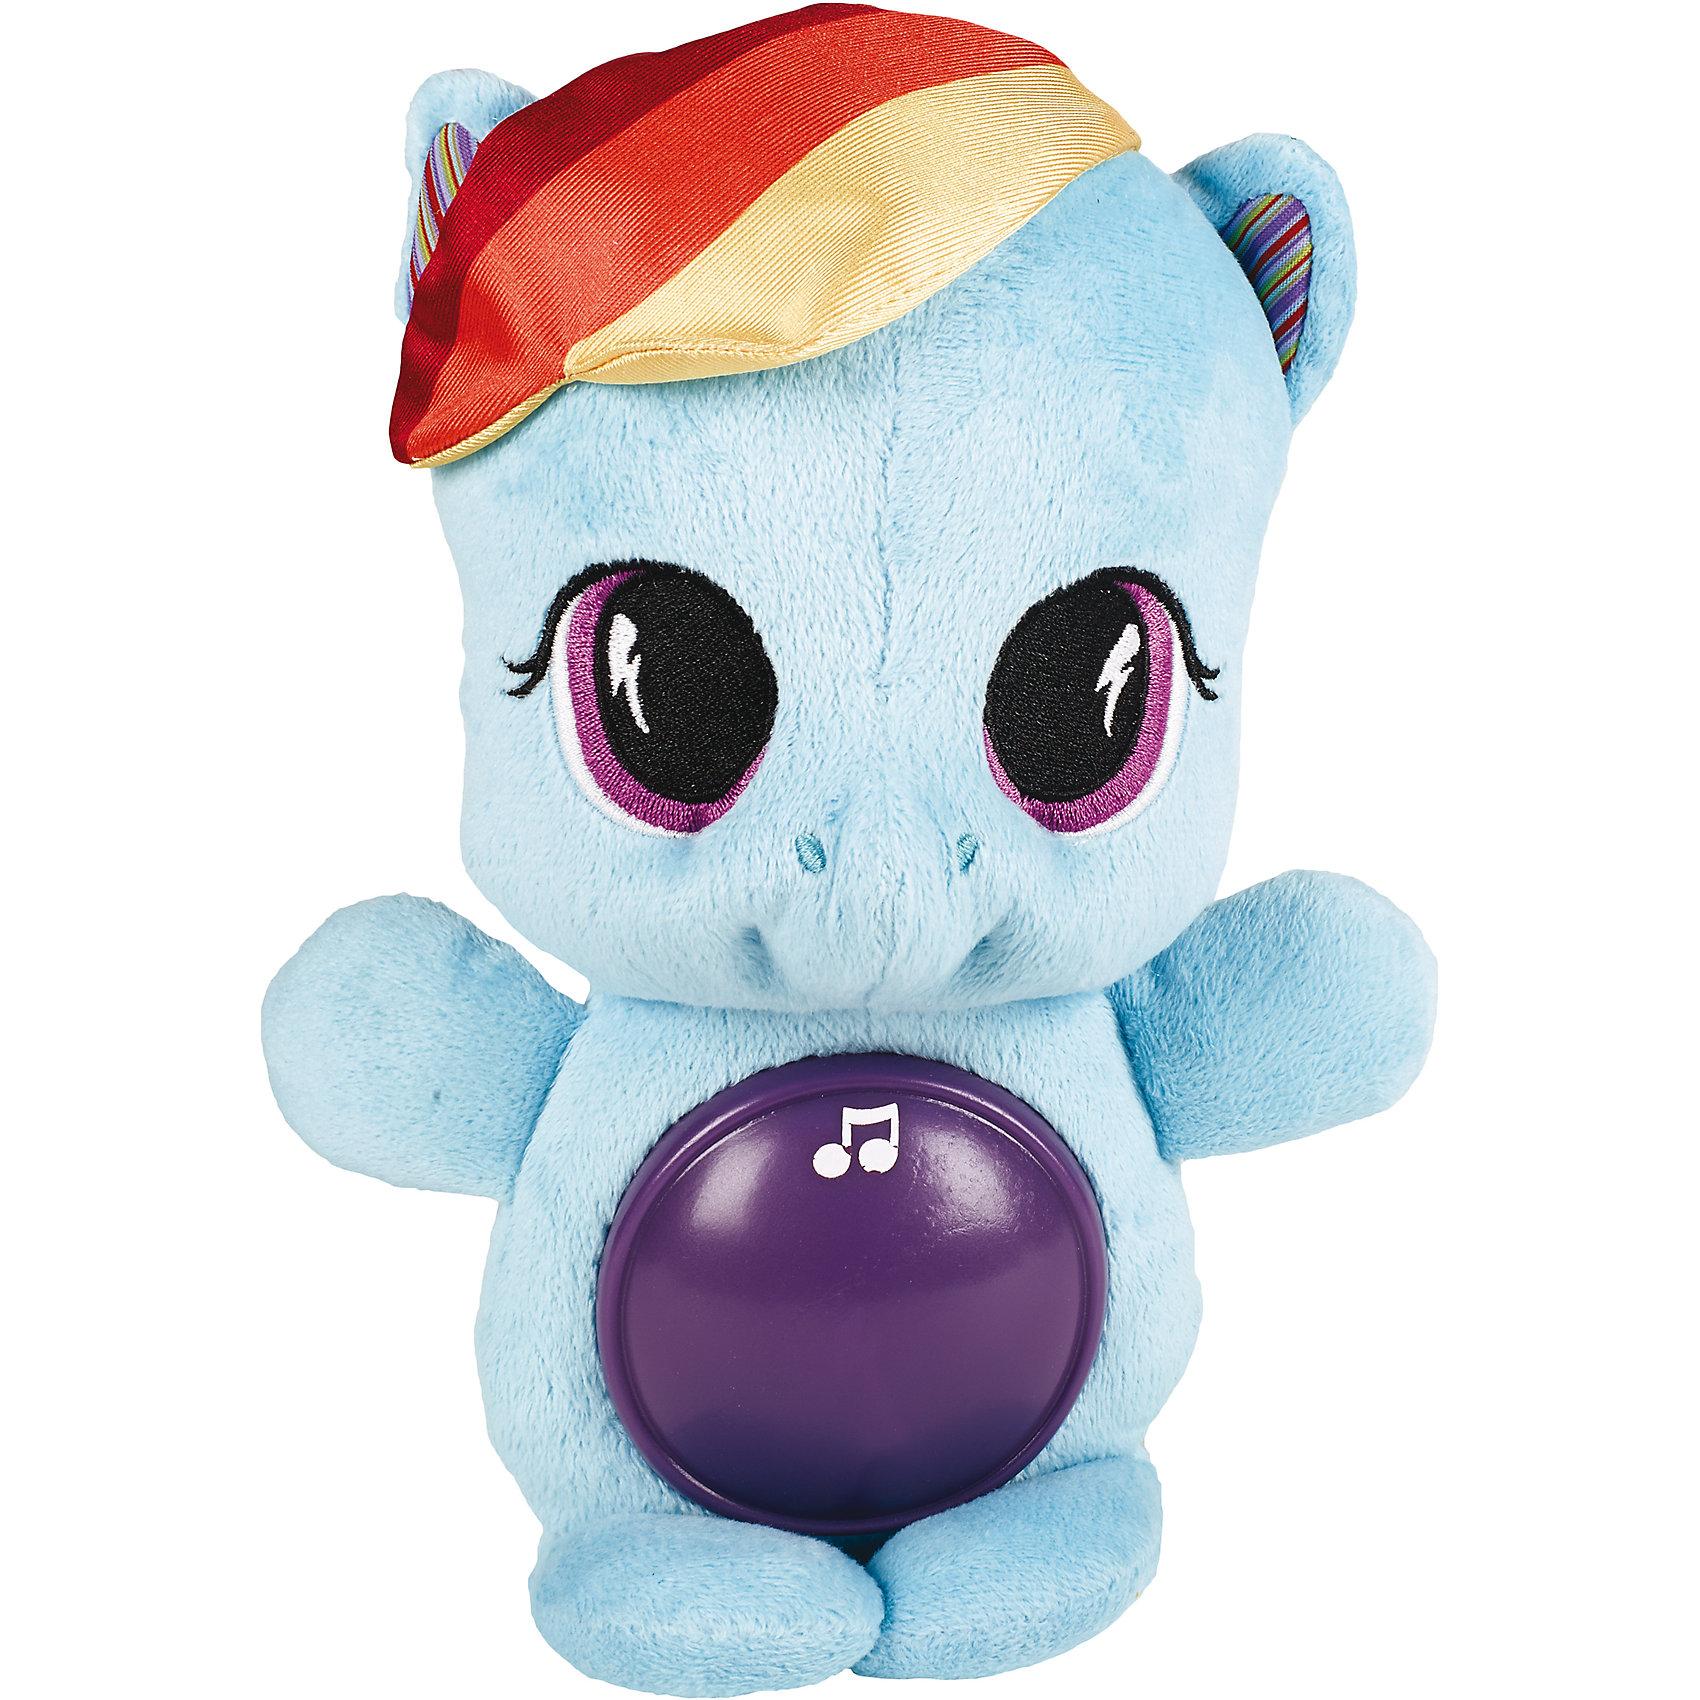 Мягкая пони, My little Pony, PLAYSKOOLМягкая плюшевая пони играет успокаивающую музыку, а благодаря светящемуся животику, ребенку будет спокойнее засыпать.<br><br>Ширина мм: 81<br>Глубина мм: 152<br>Высота мм: 279<br>Вес г: 370<br>Возраст от месяцев: 0<br>Возраст до месяцев: 72<br>Пол: Женский<br>Возраст: Детский<br>SKU: 4252295